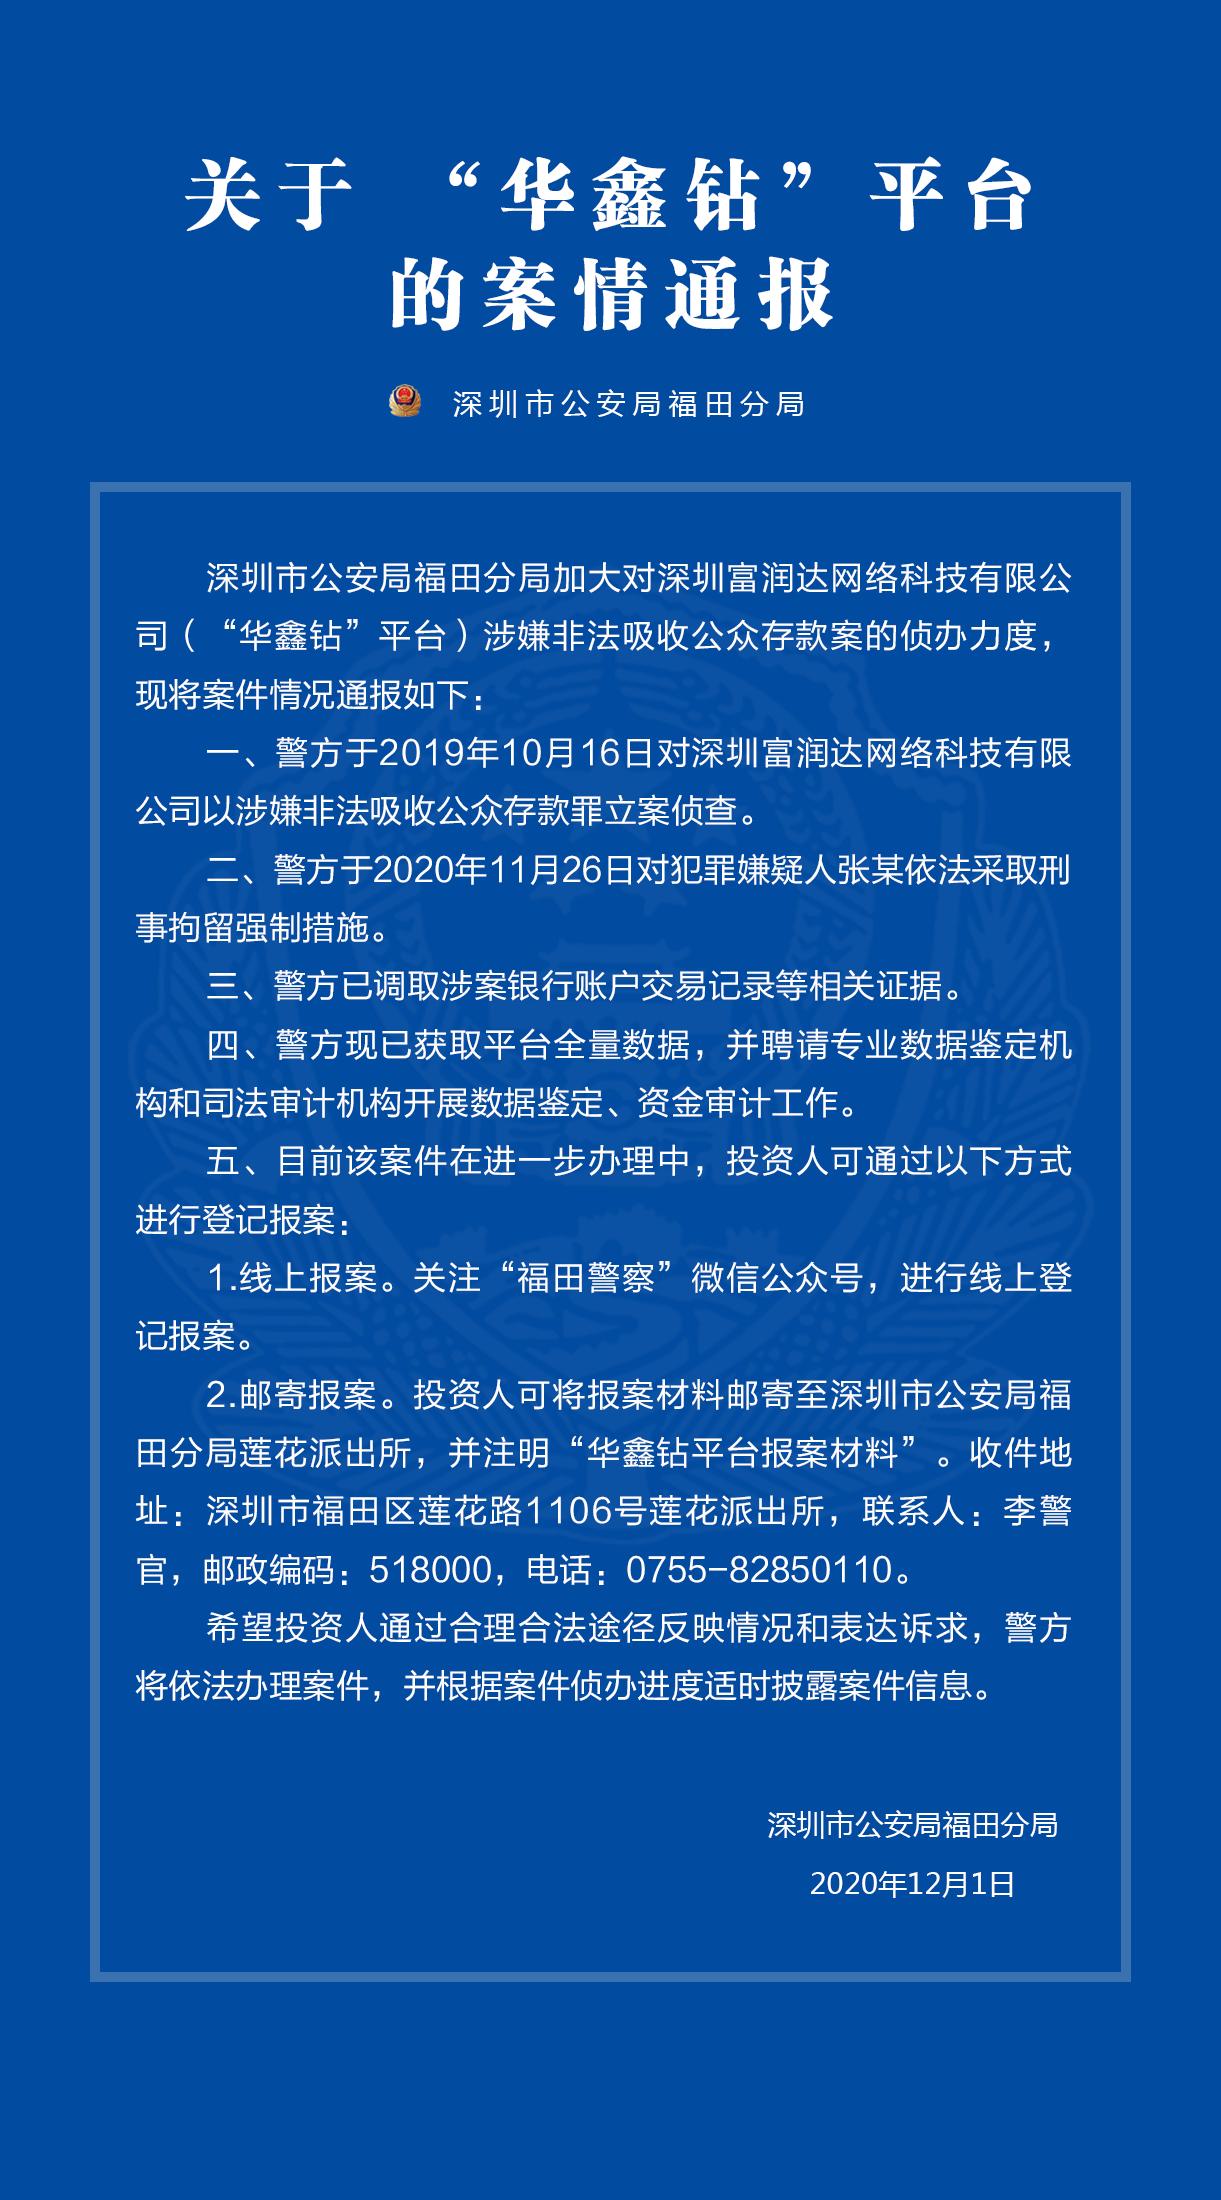 深圳立案P2P华鑫钻有进展:1人被刑拘 出借人可通过两种方式报案